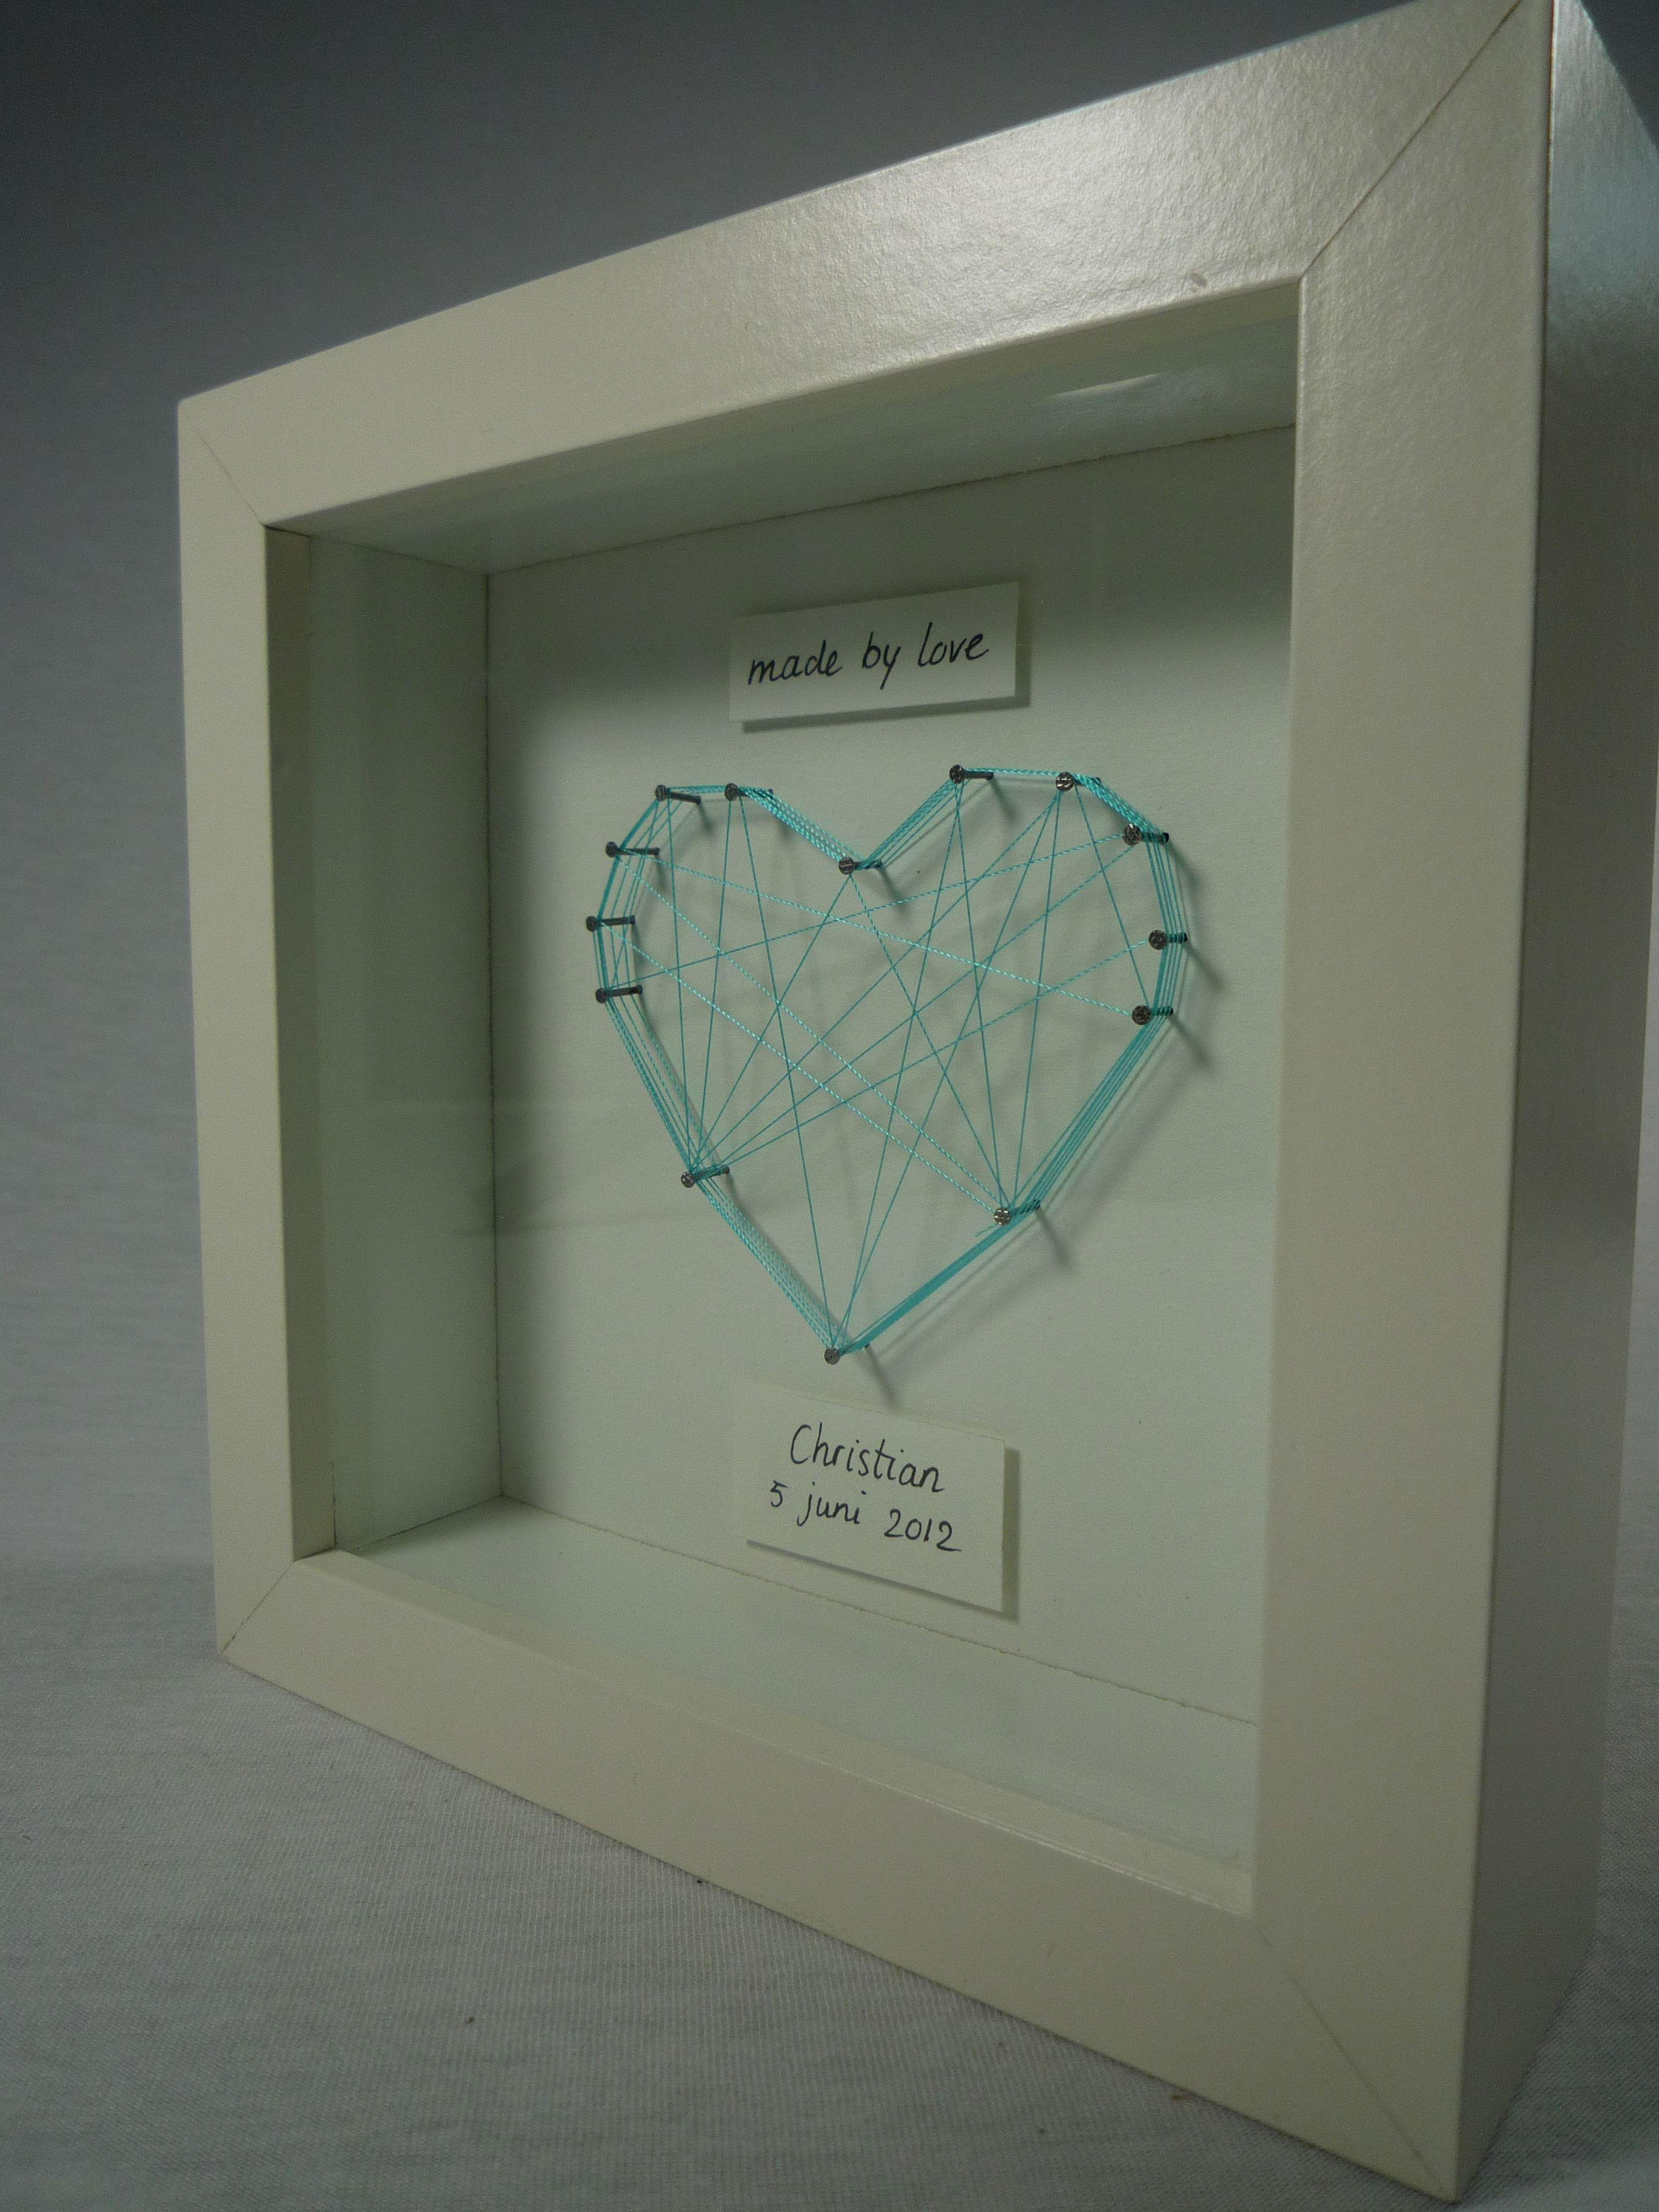 Lovely gift for the new borns. See webshop allesvanbinnen.nl